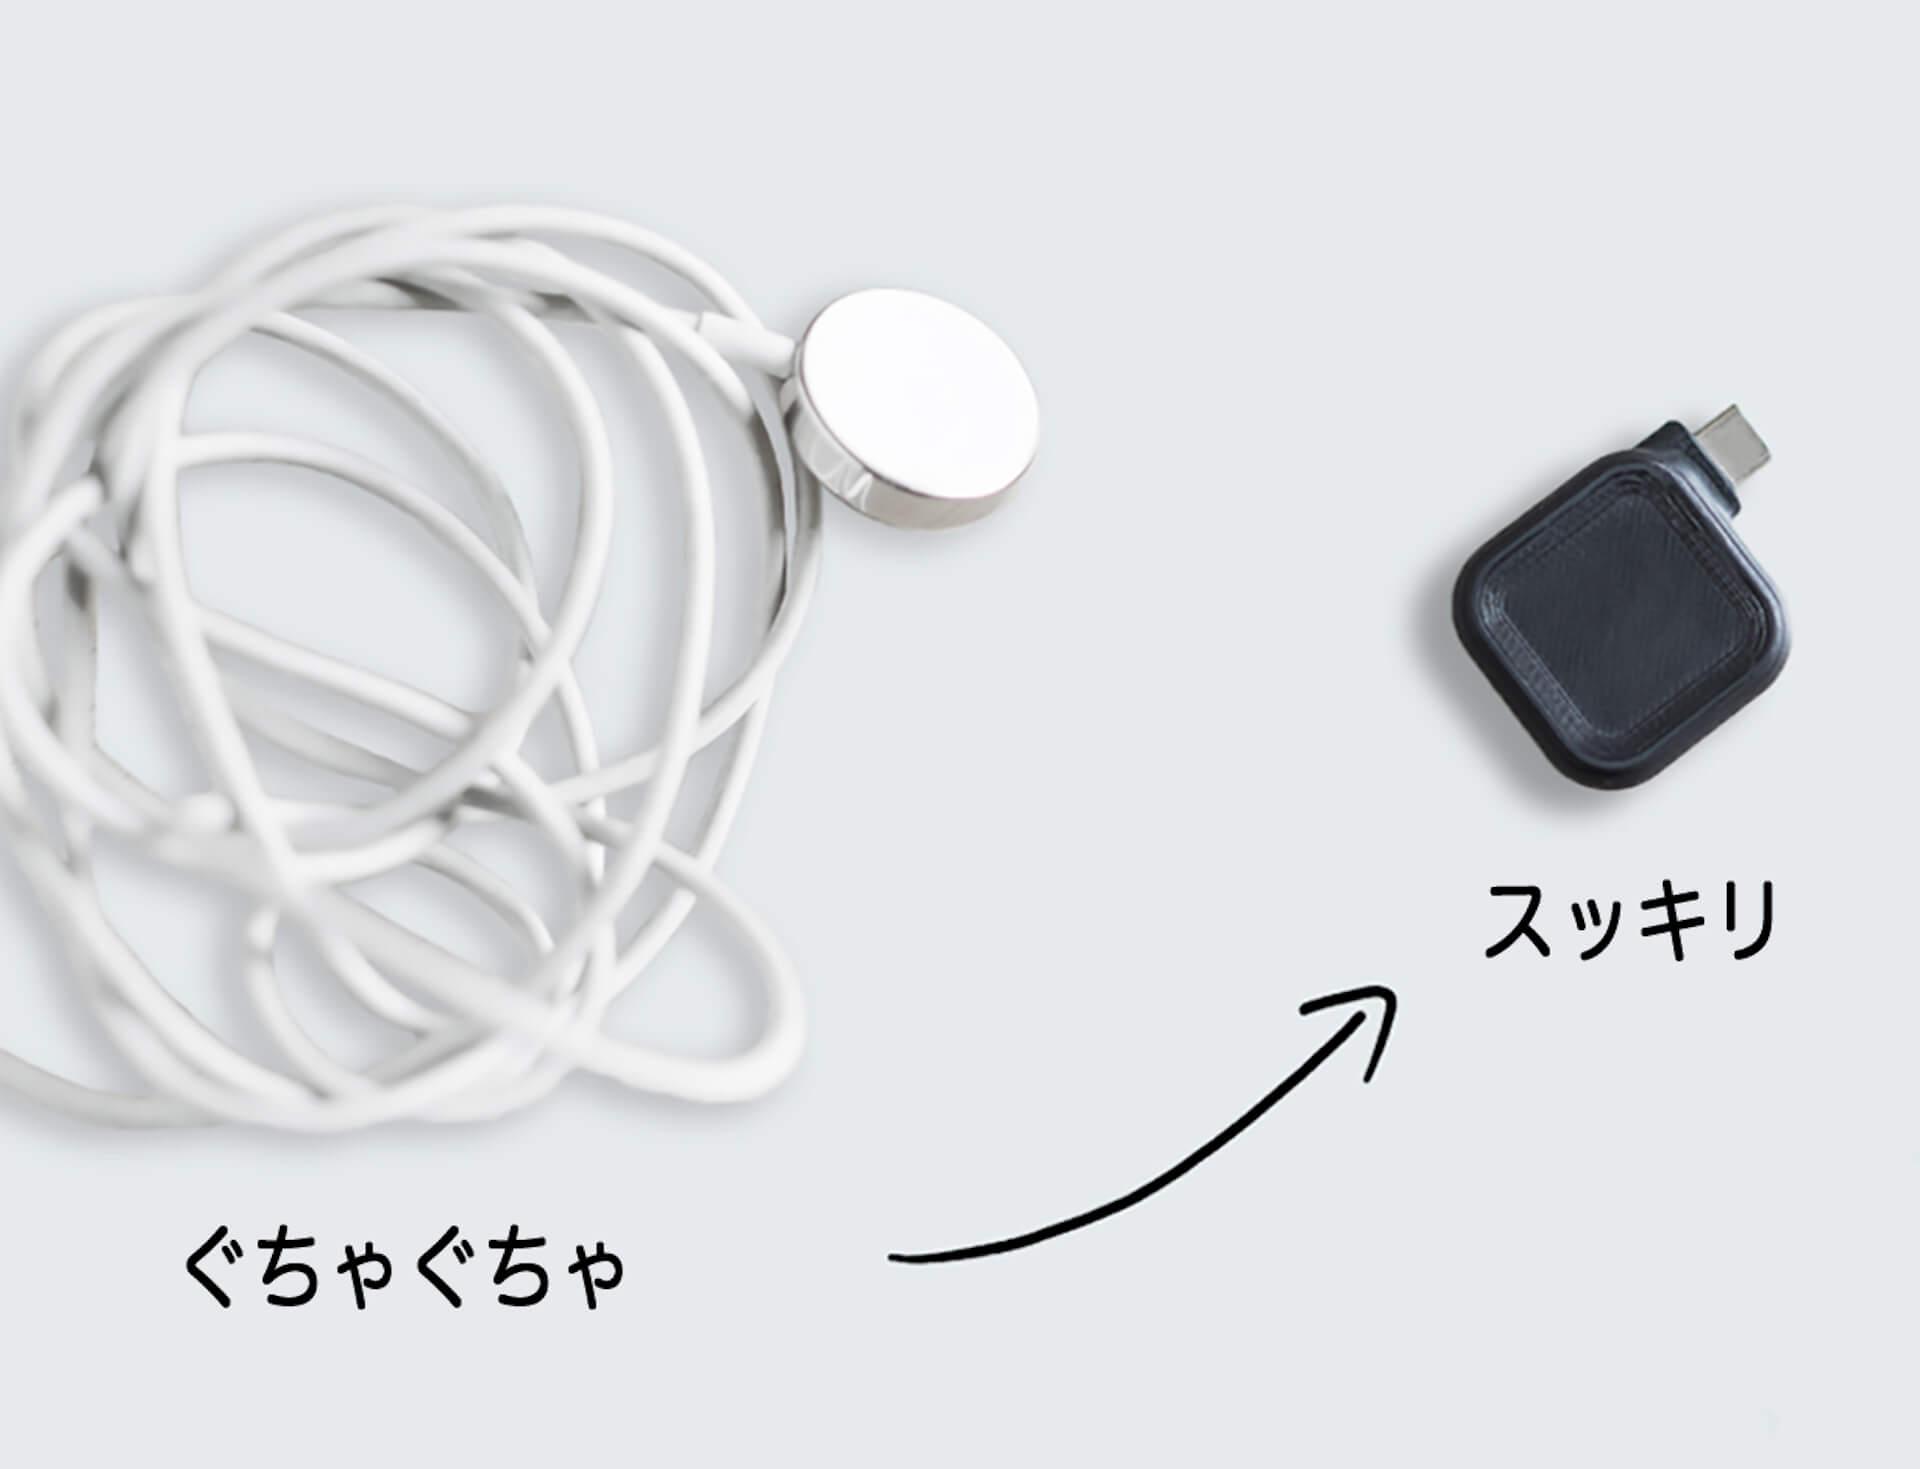 コインサイズのApple Watch専用充電器「MACO GO」がクラウドファンディング「Makuake」に登場! tech200624_macogo_15